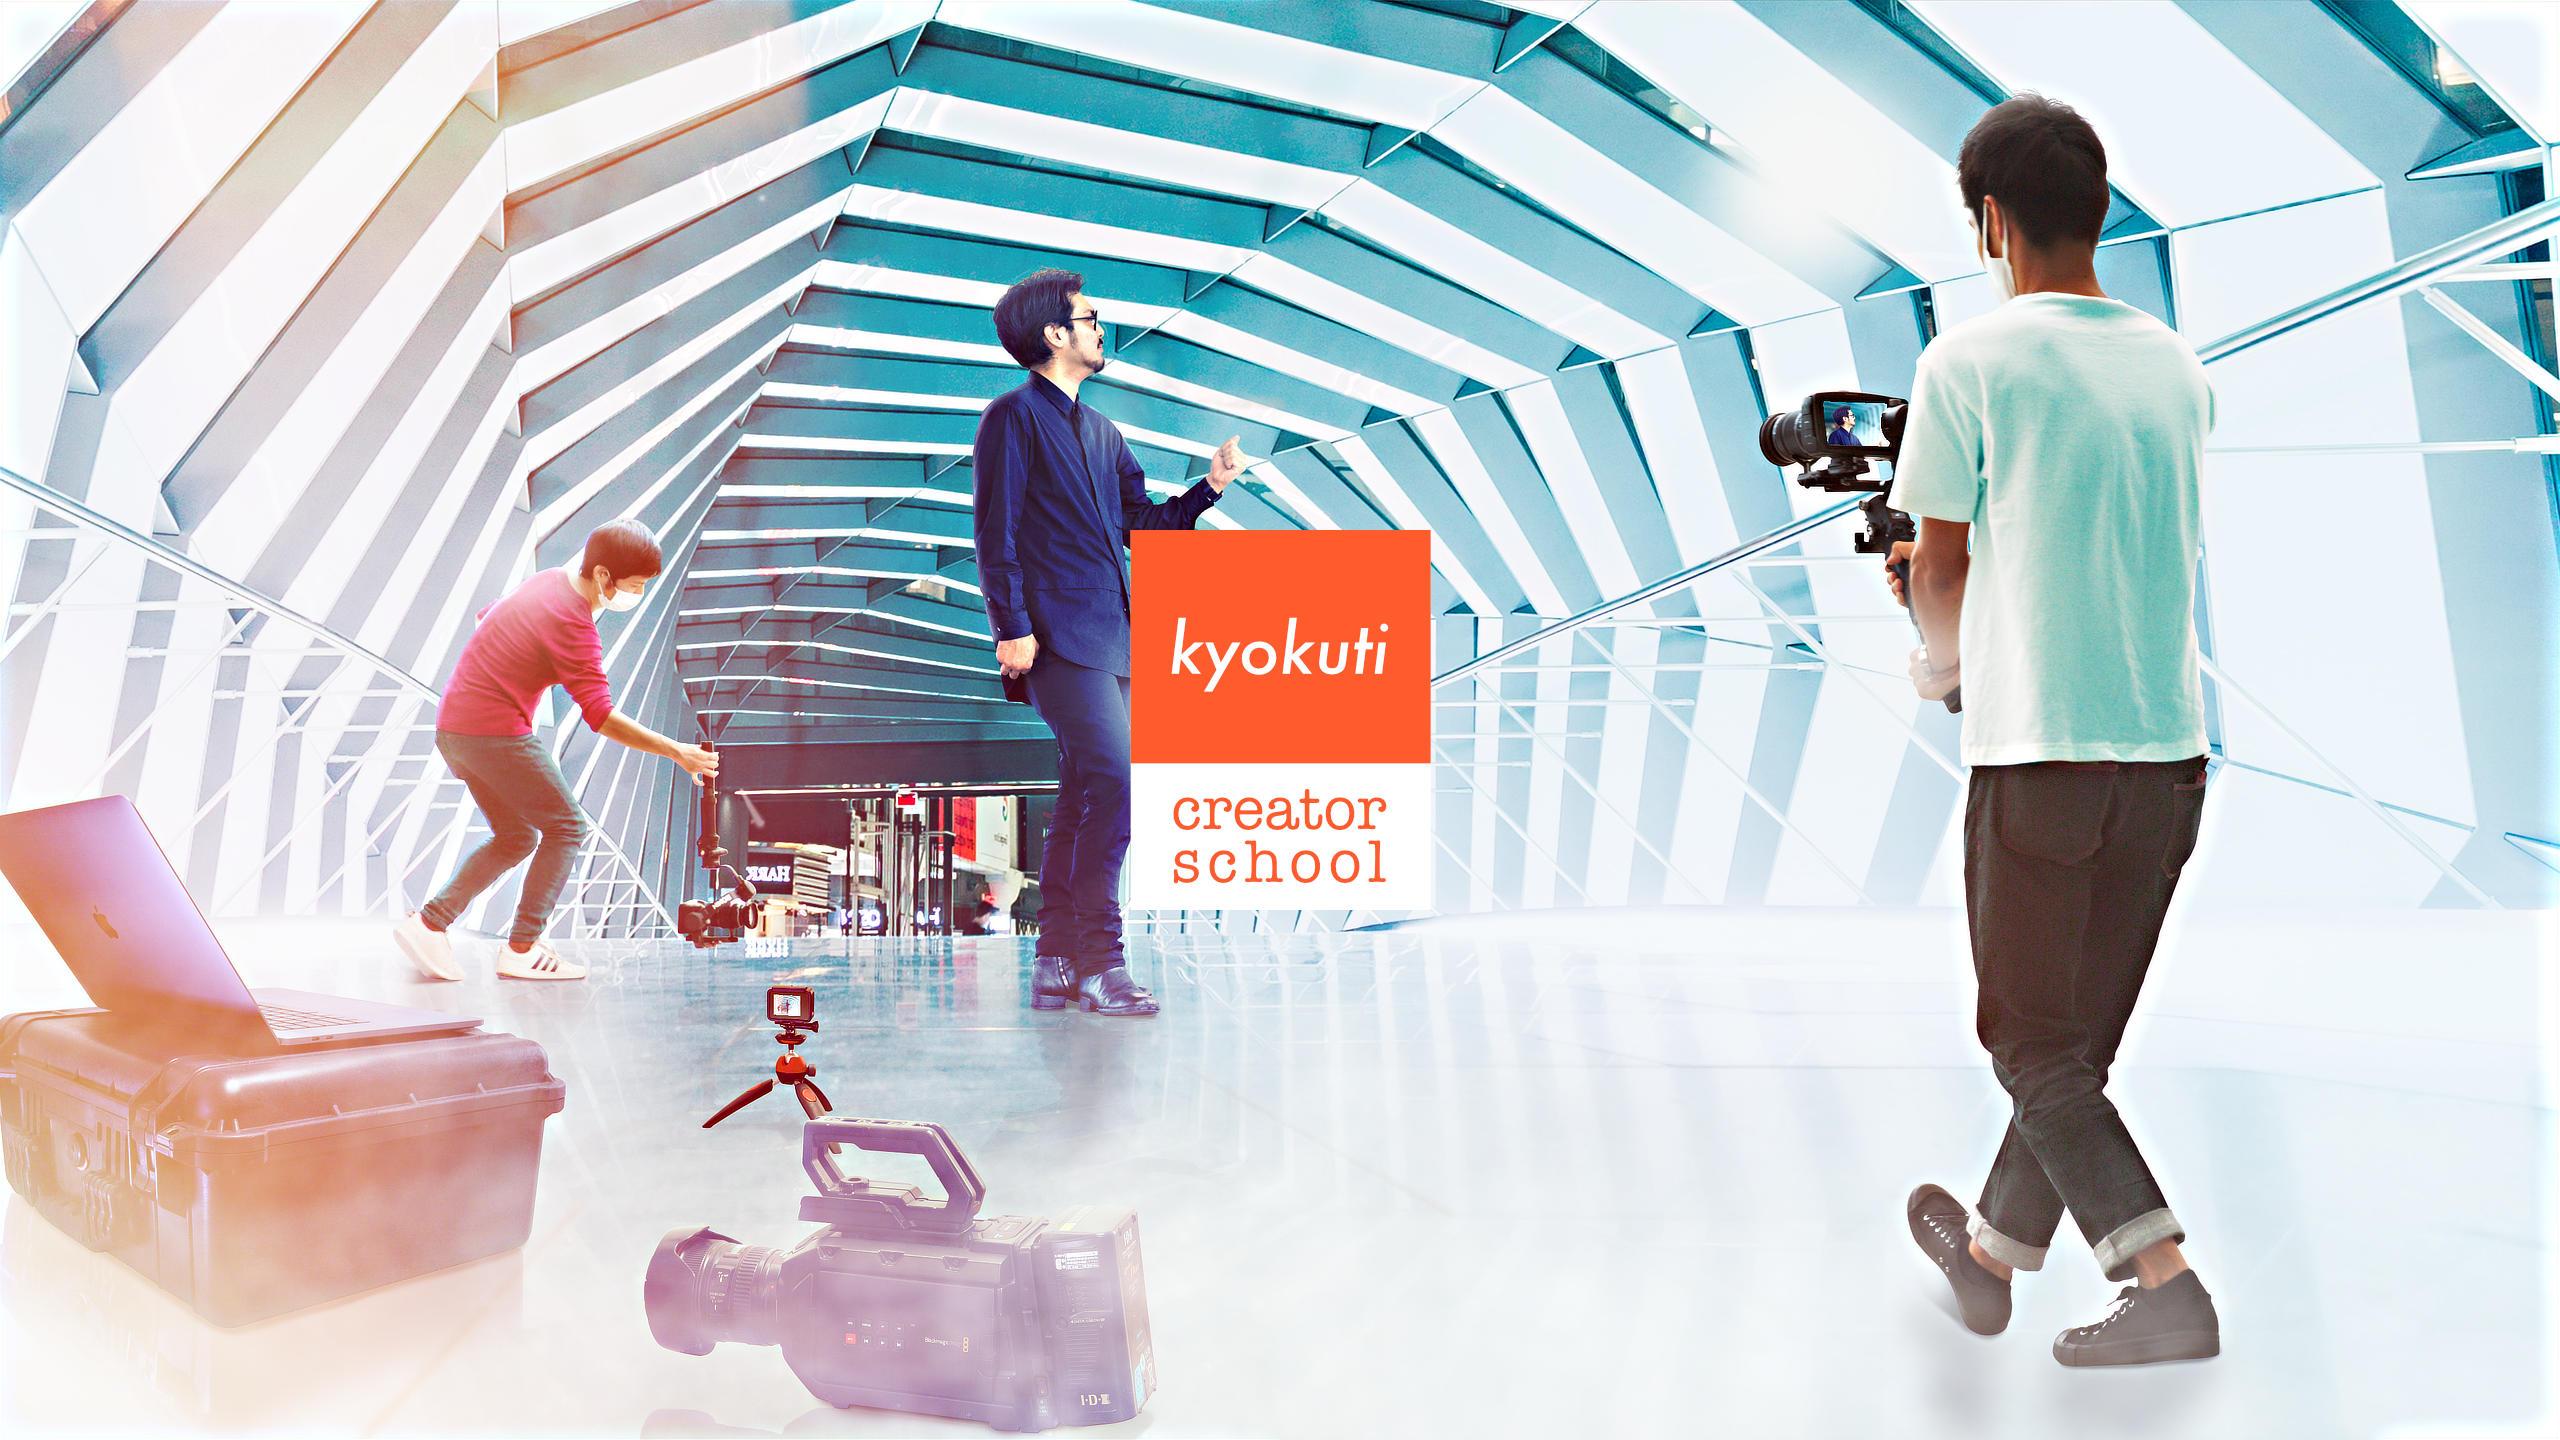 kyokuti creator school - キョクチ・クリエイタースクール